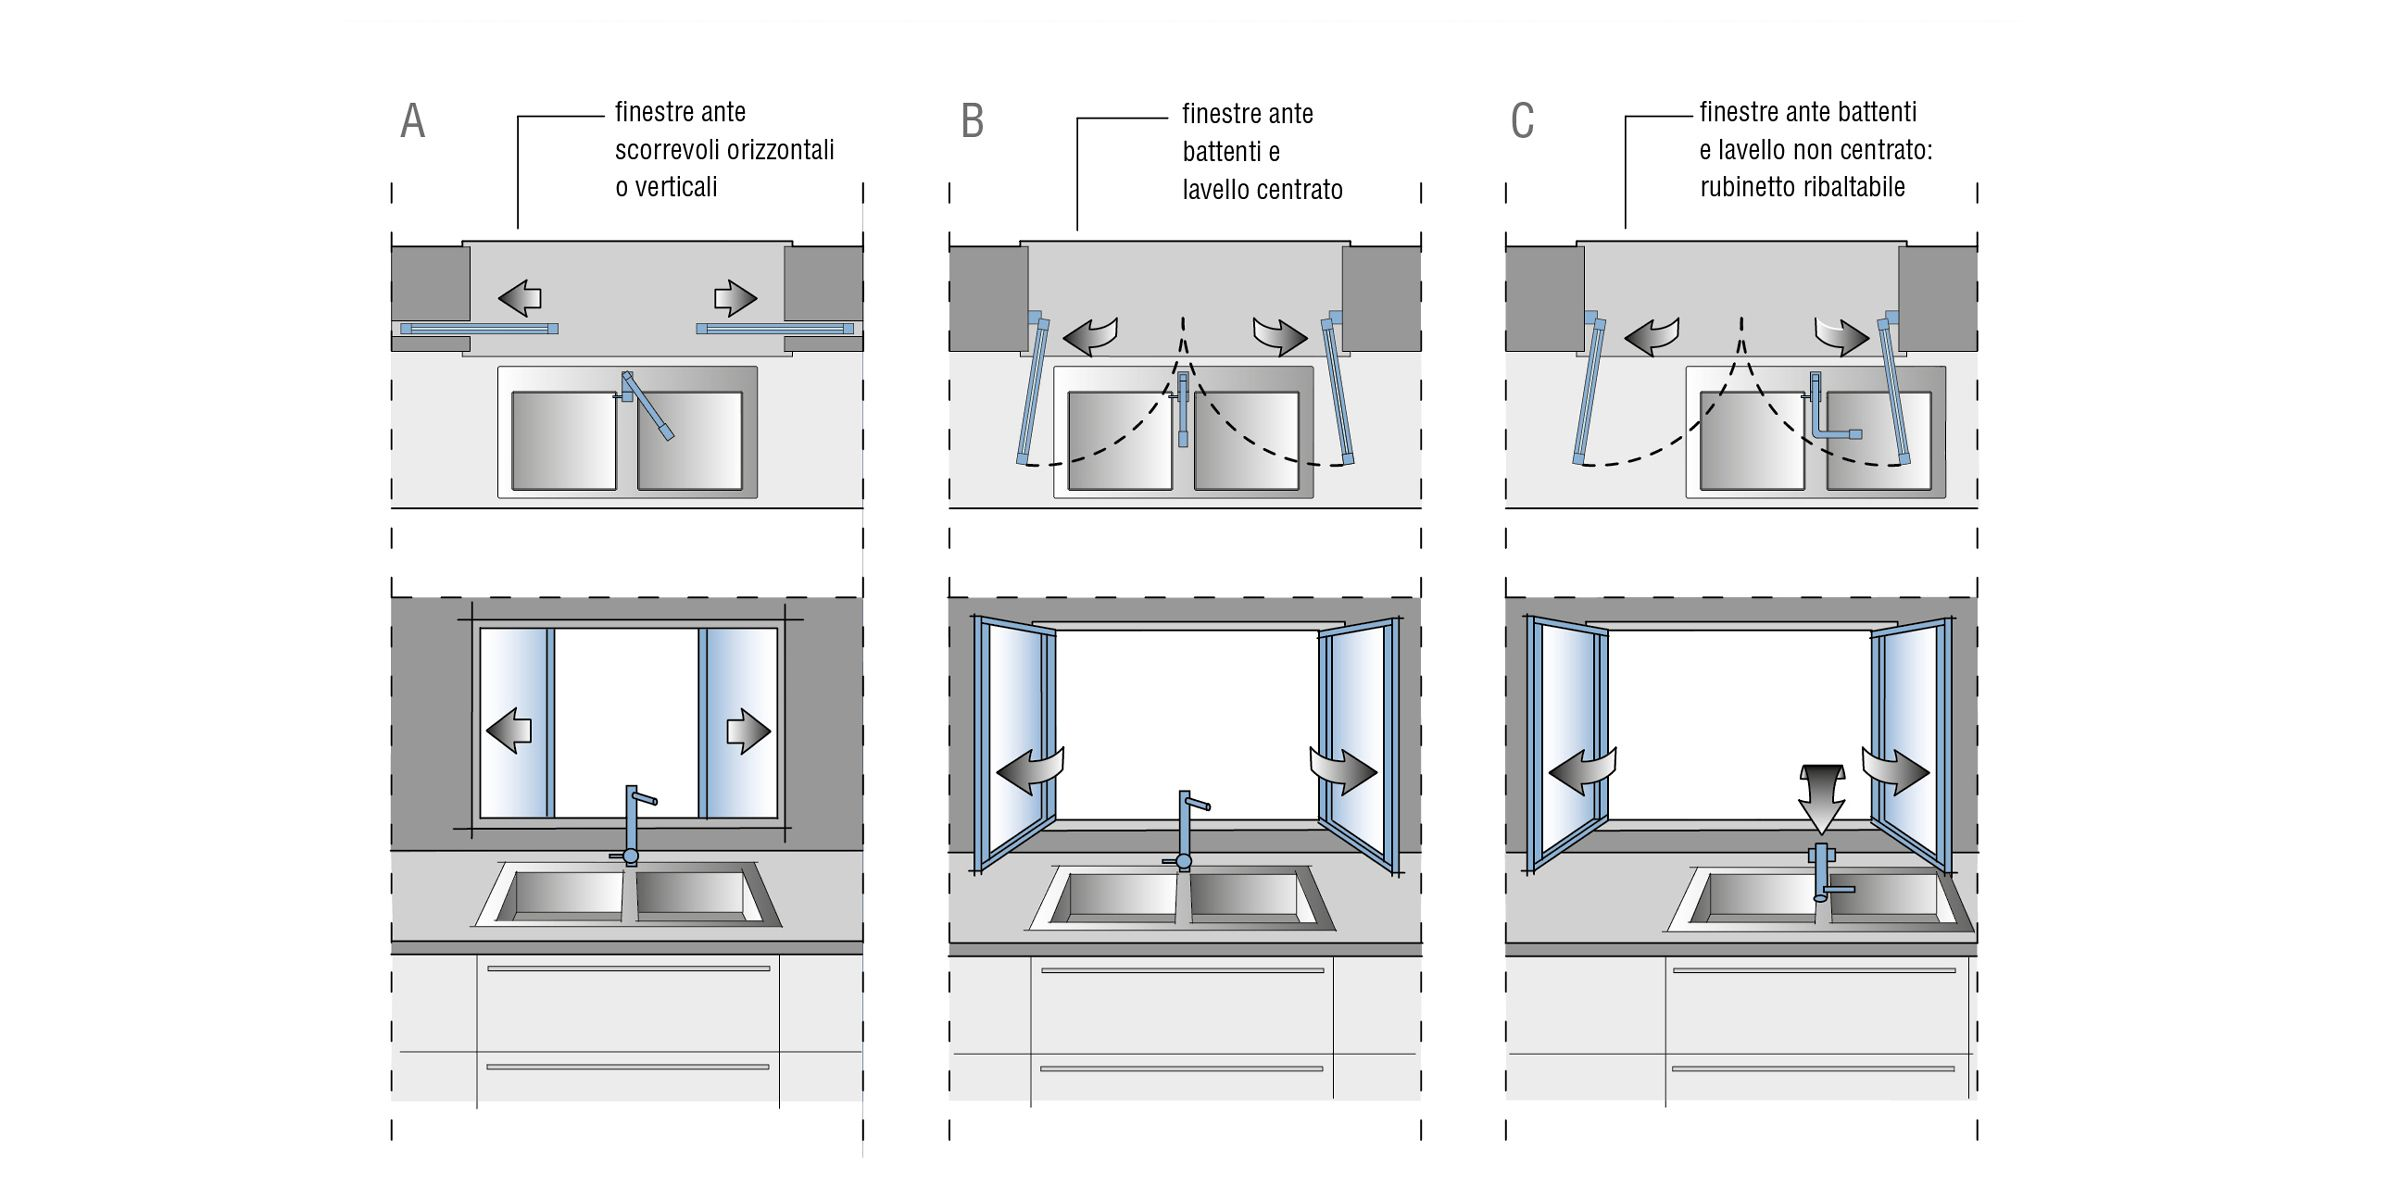 Lavandino cucina sotto finestra ergonomia nel 2019 pensili cucina lavelli cucina e cucine - Programmi progettazione casa gratis ...